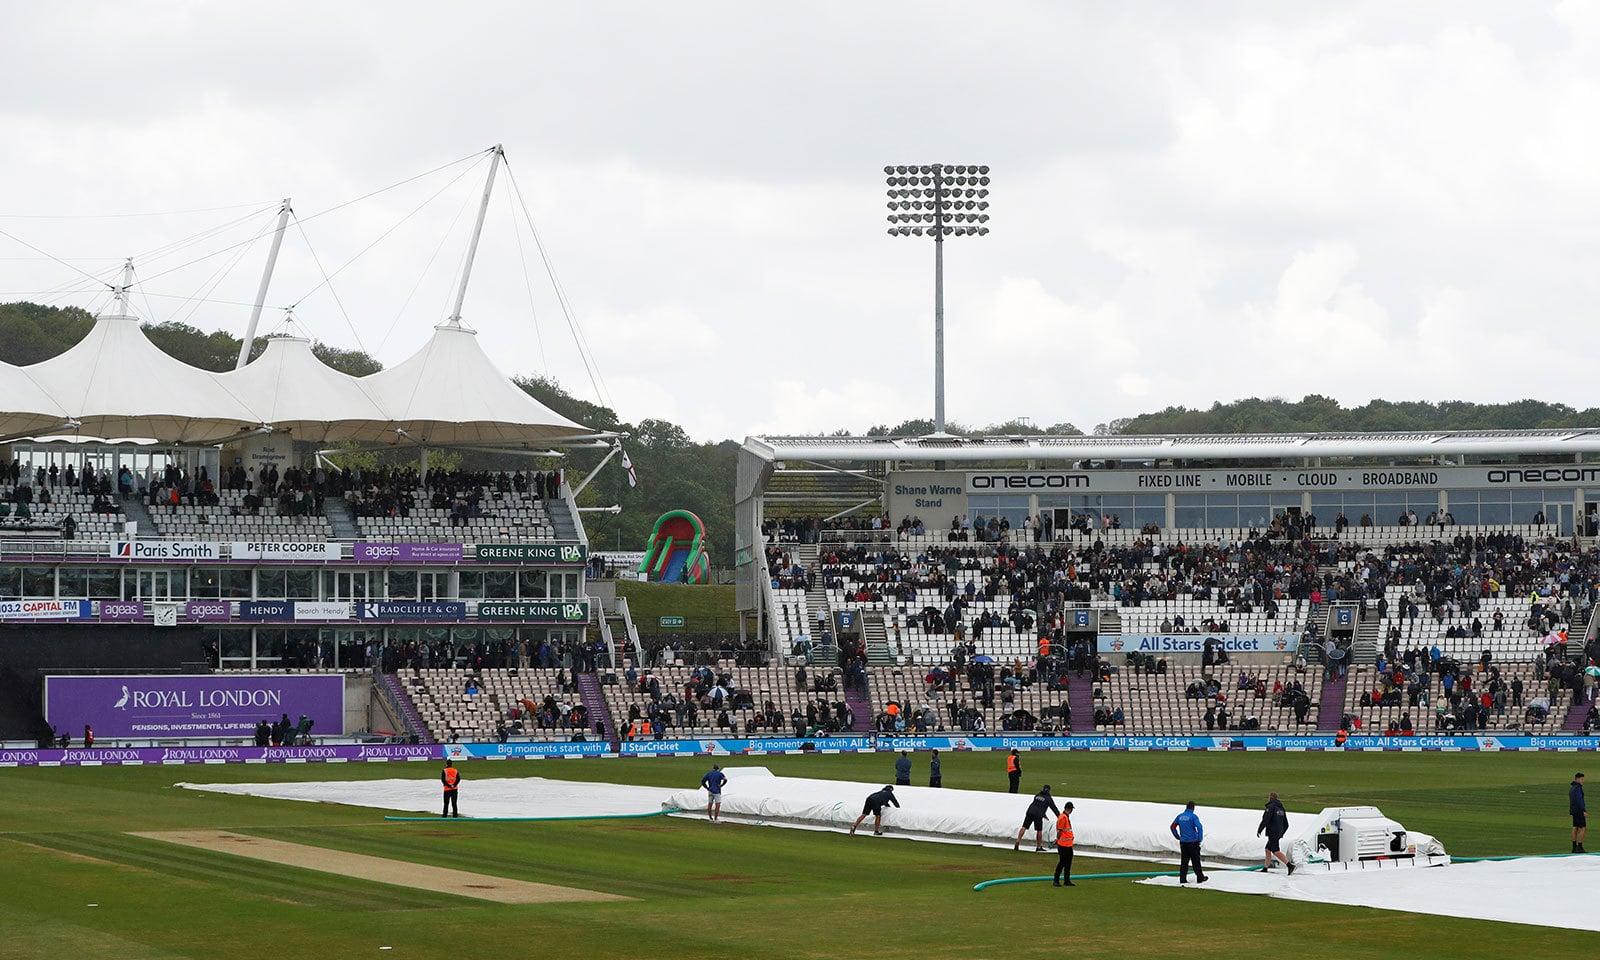 انگلینڈ کی بیٹنگ کے دوران بارش کے باعث میچ کو تھوڑی دیر کے لیے روک دیا گیا—فوٹو:رائٹرز